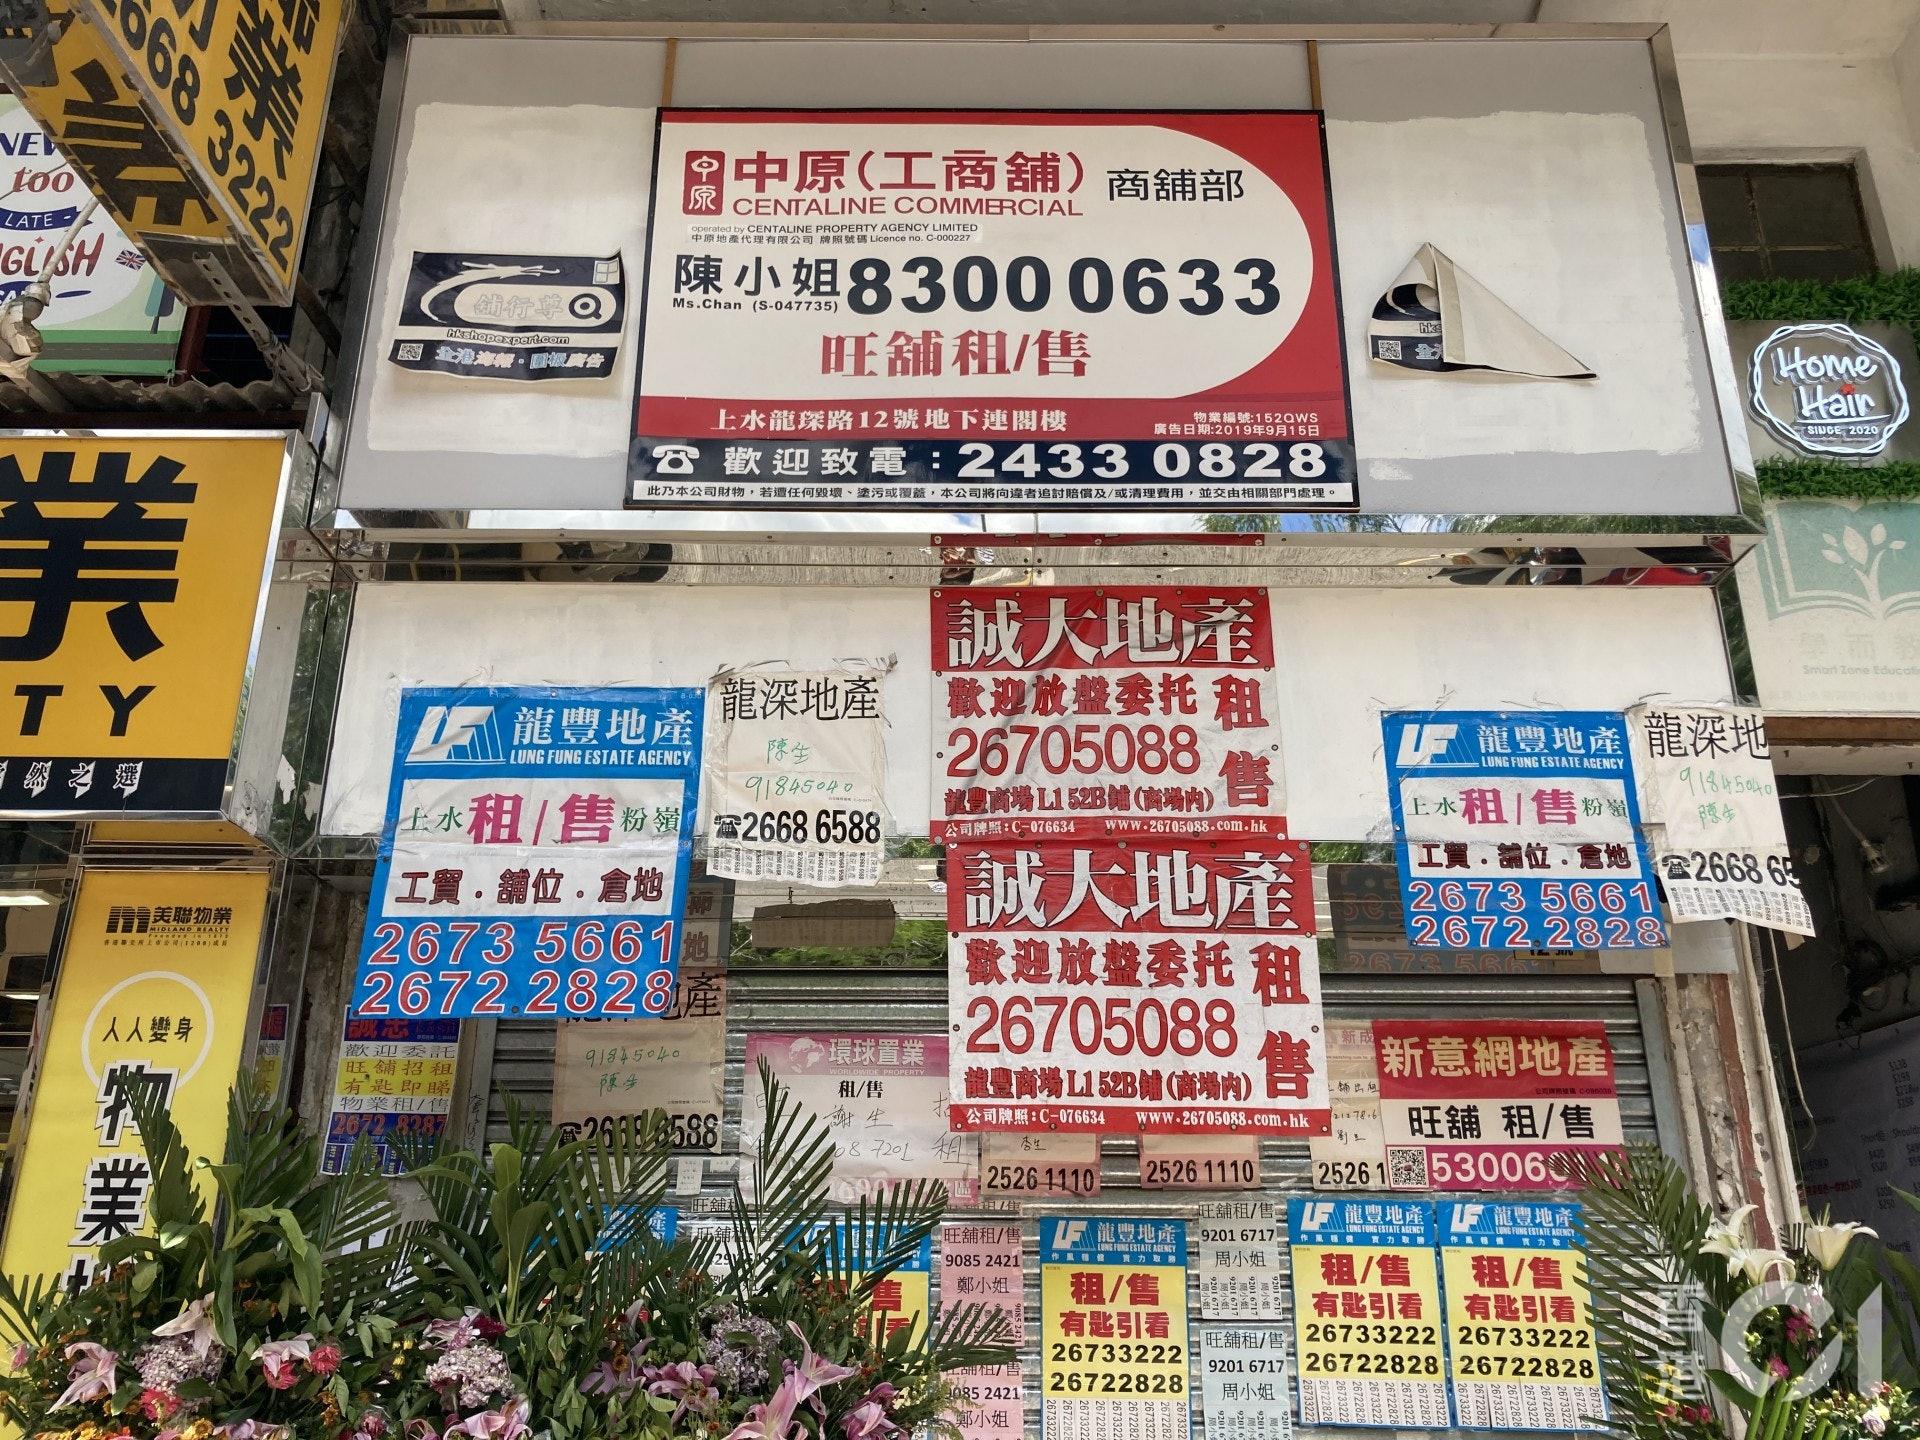 7月30日所見,上水街道上人流稀少,將近一半的藥房、化妝品店、兌換店已結業,亦有部分在鐵閘外貼上暫停營業的告示。(歐陽德浩攝)